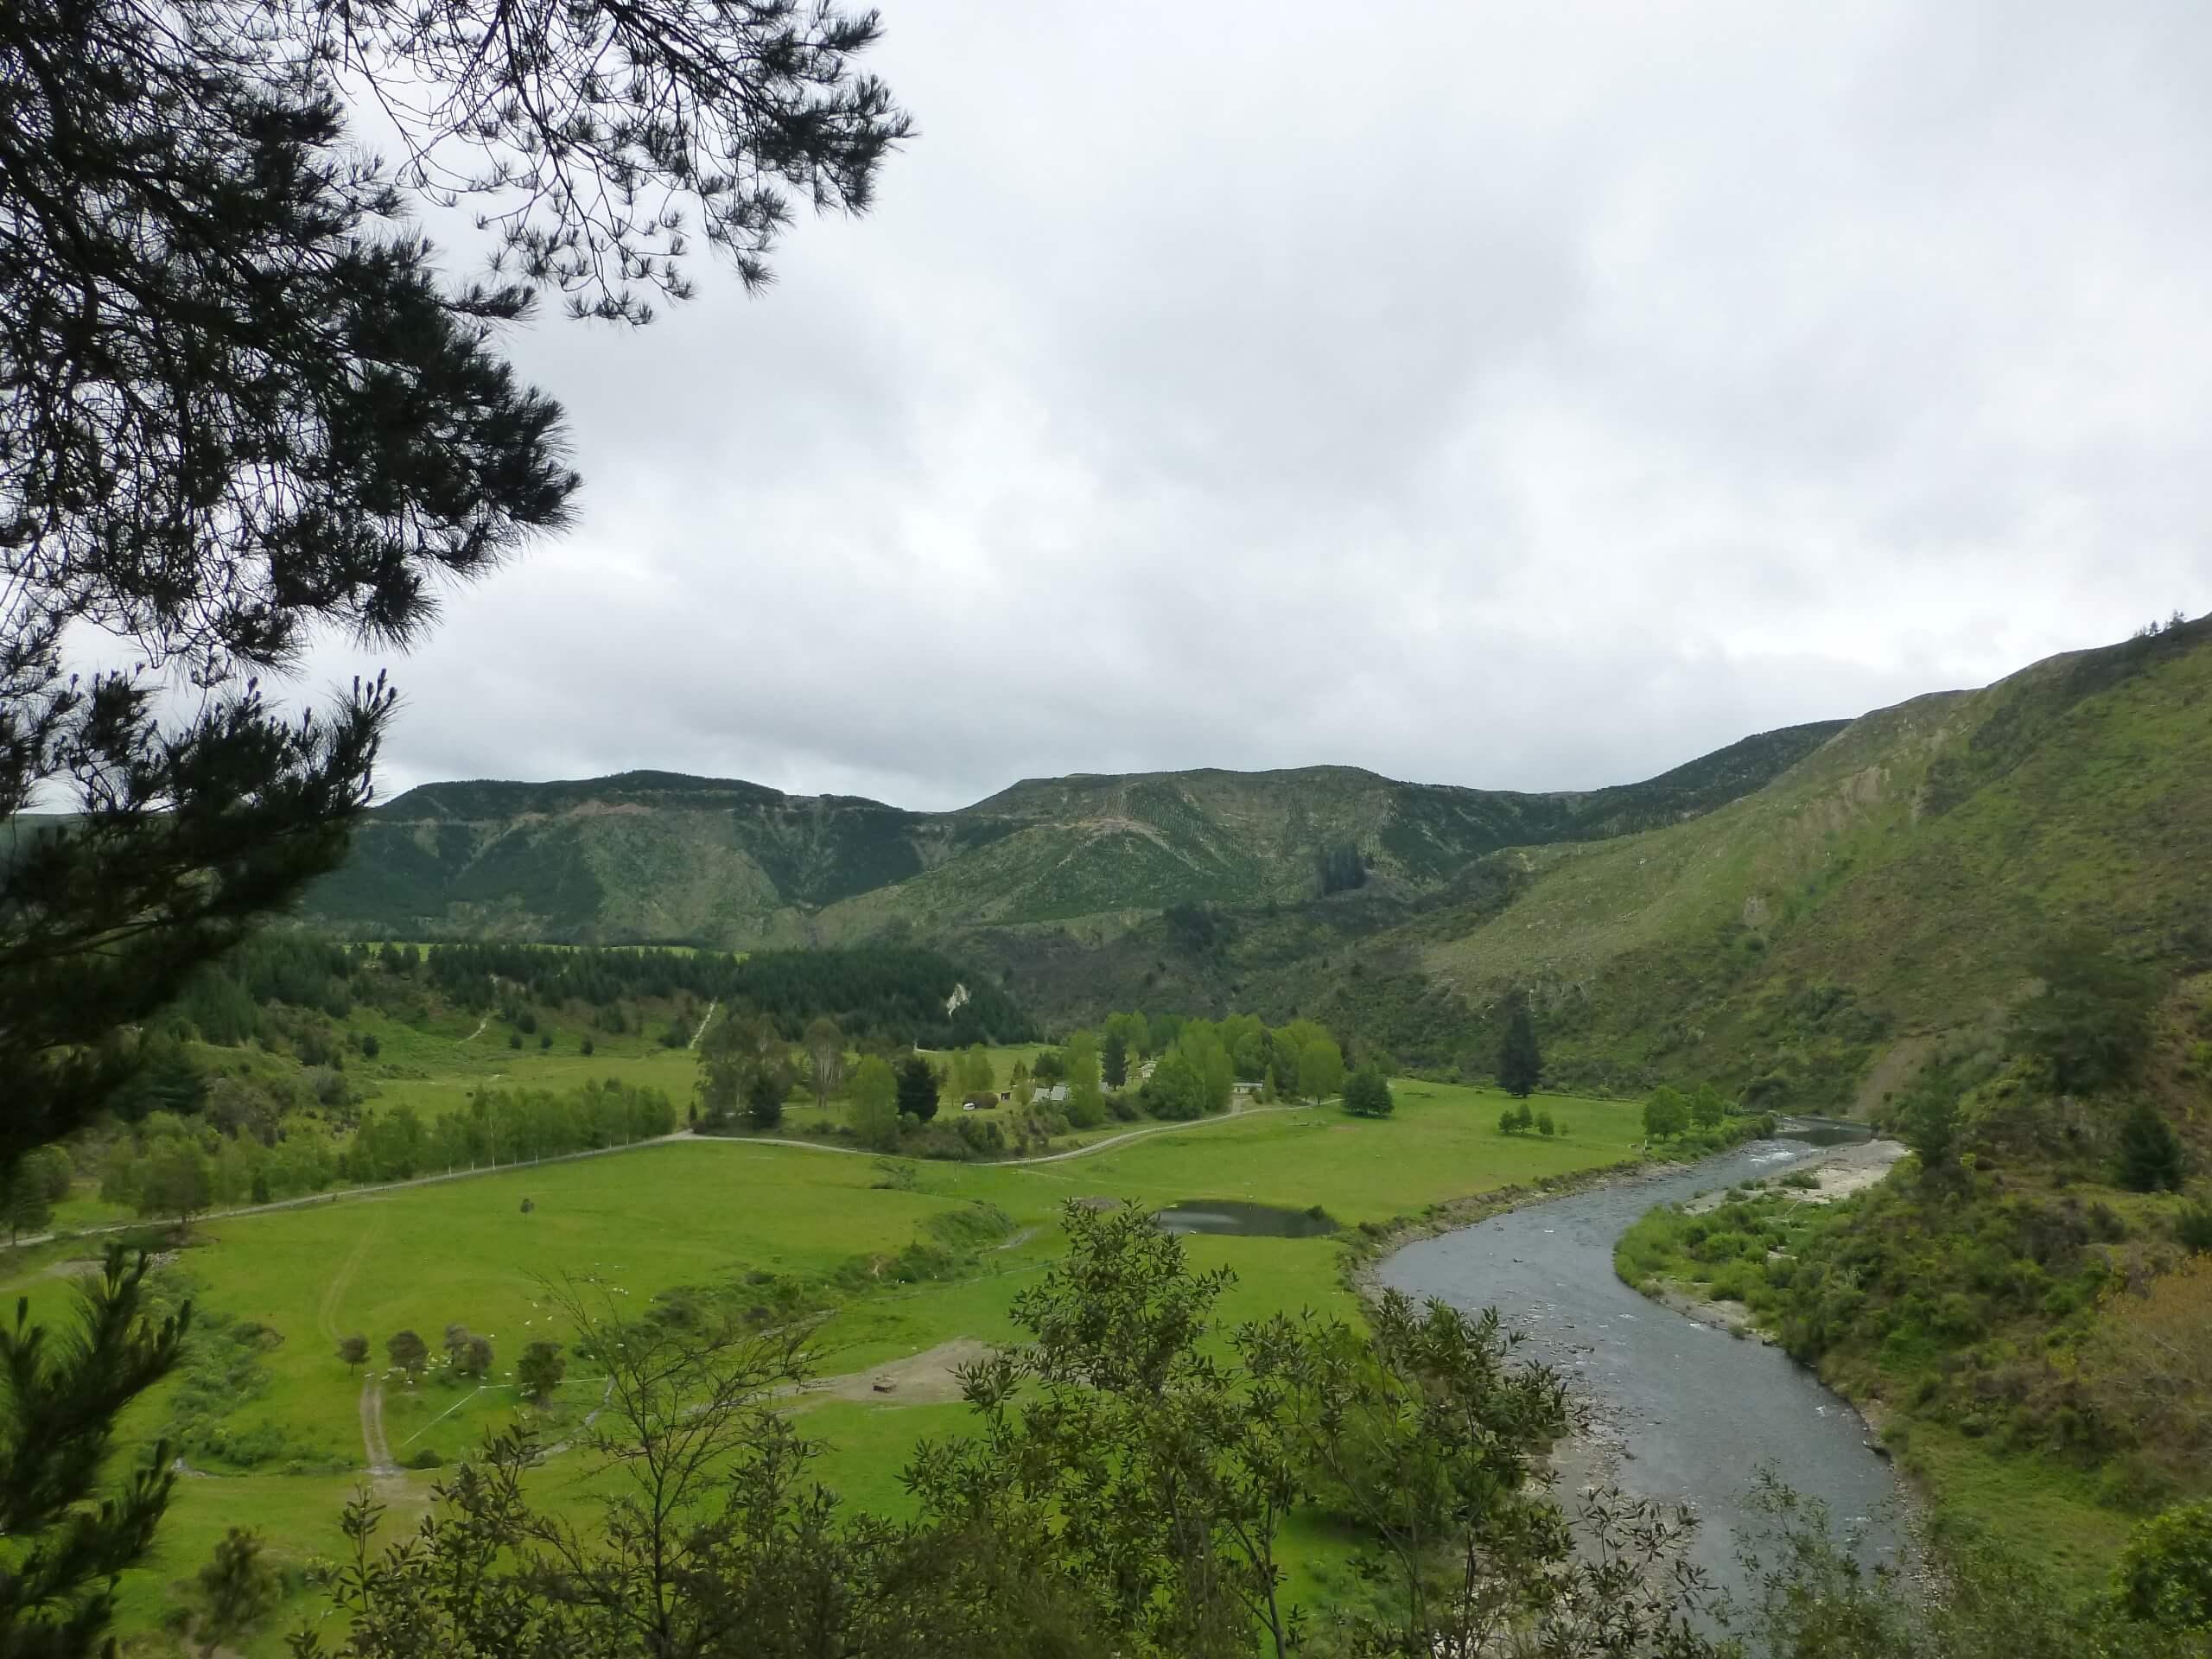 Weit weg Reisen, Mountain Valley Adventures Lodge 15